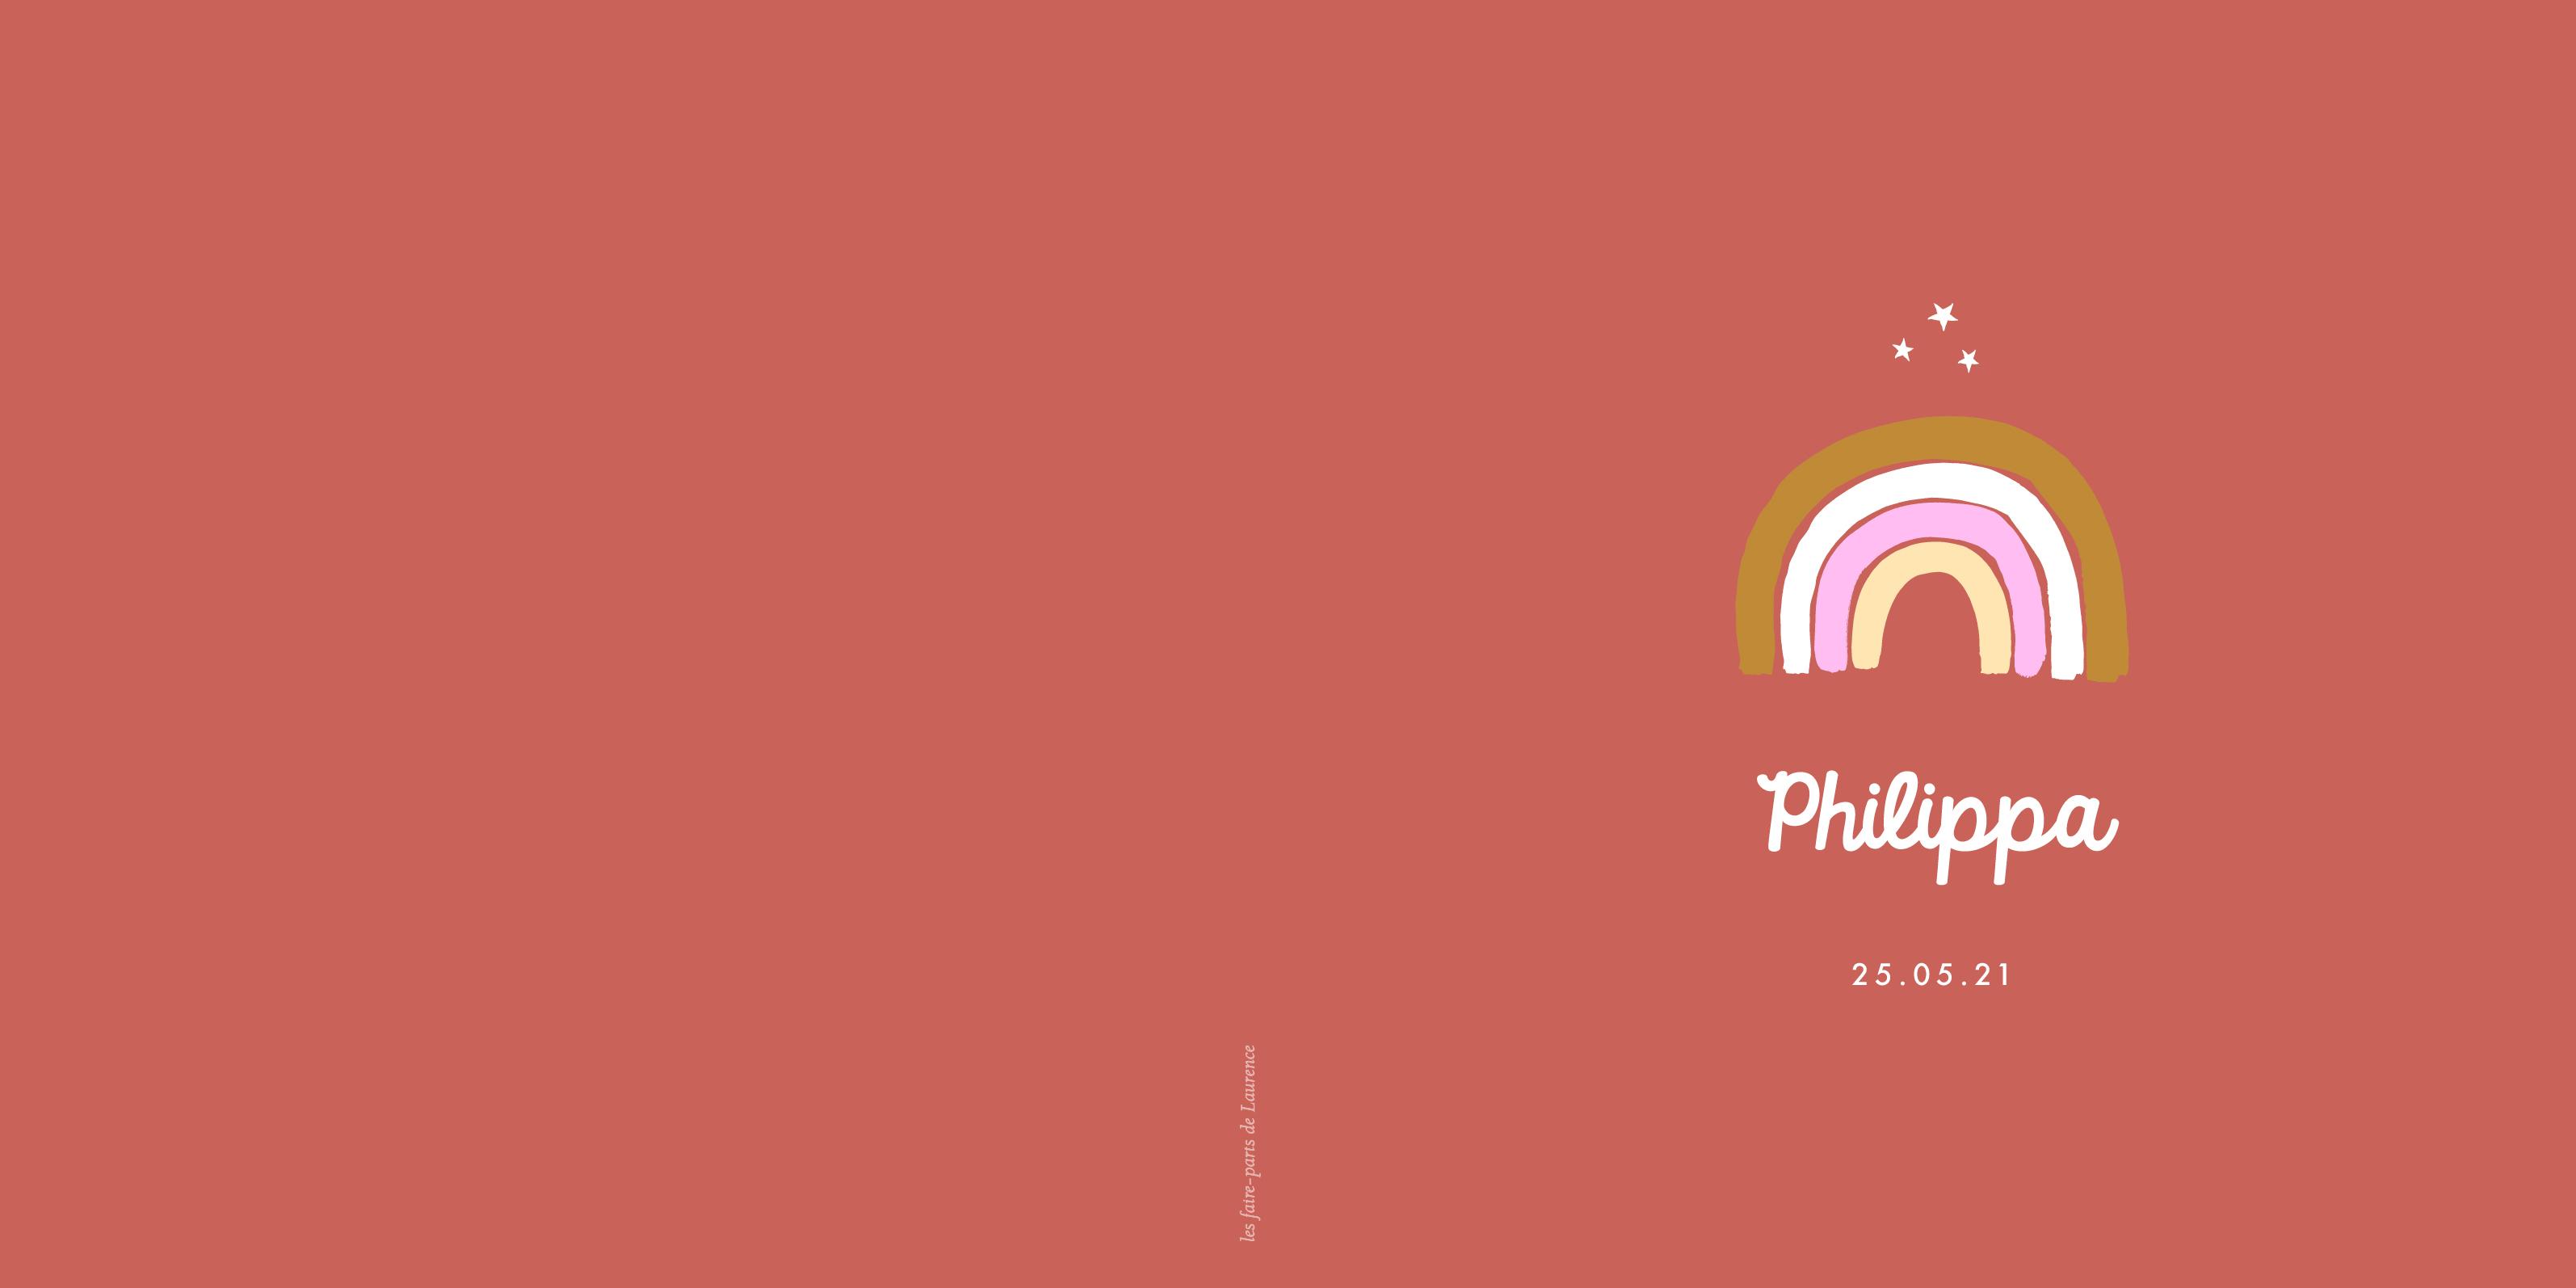 FP Philippa - livret 4 pages - 13,5:13,5